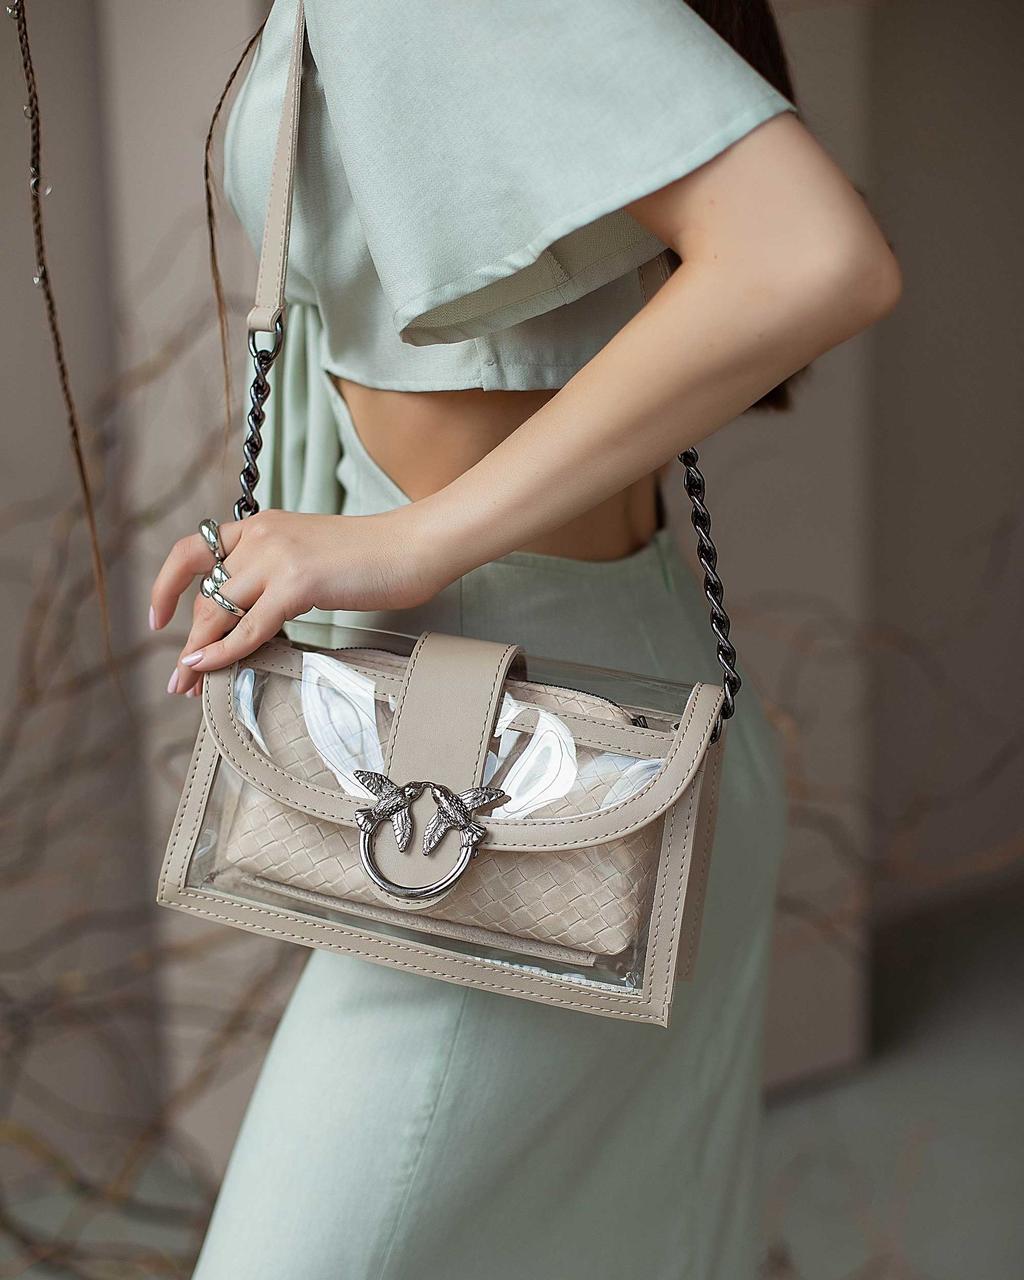 Прозрачная сумка! Женская бежевая маленькая сумочка 64909 с косметичкой на длинном ремешке из силикона